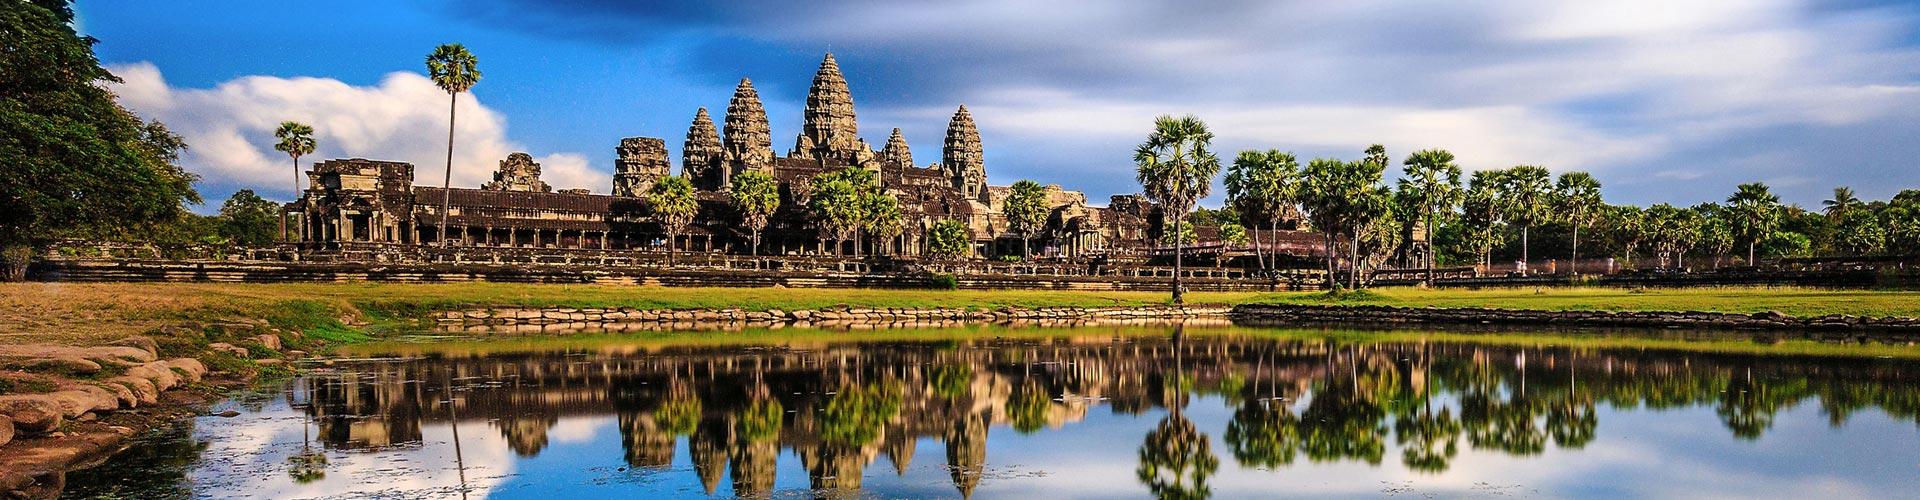 Siem Reap, Phnom Penh, Sihanouk